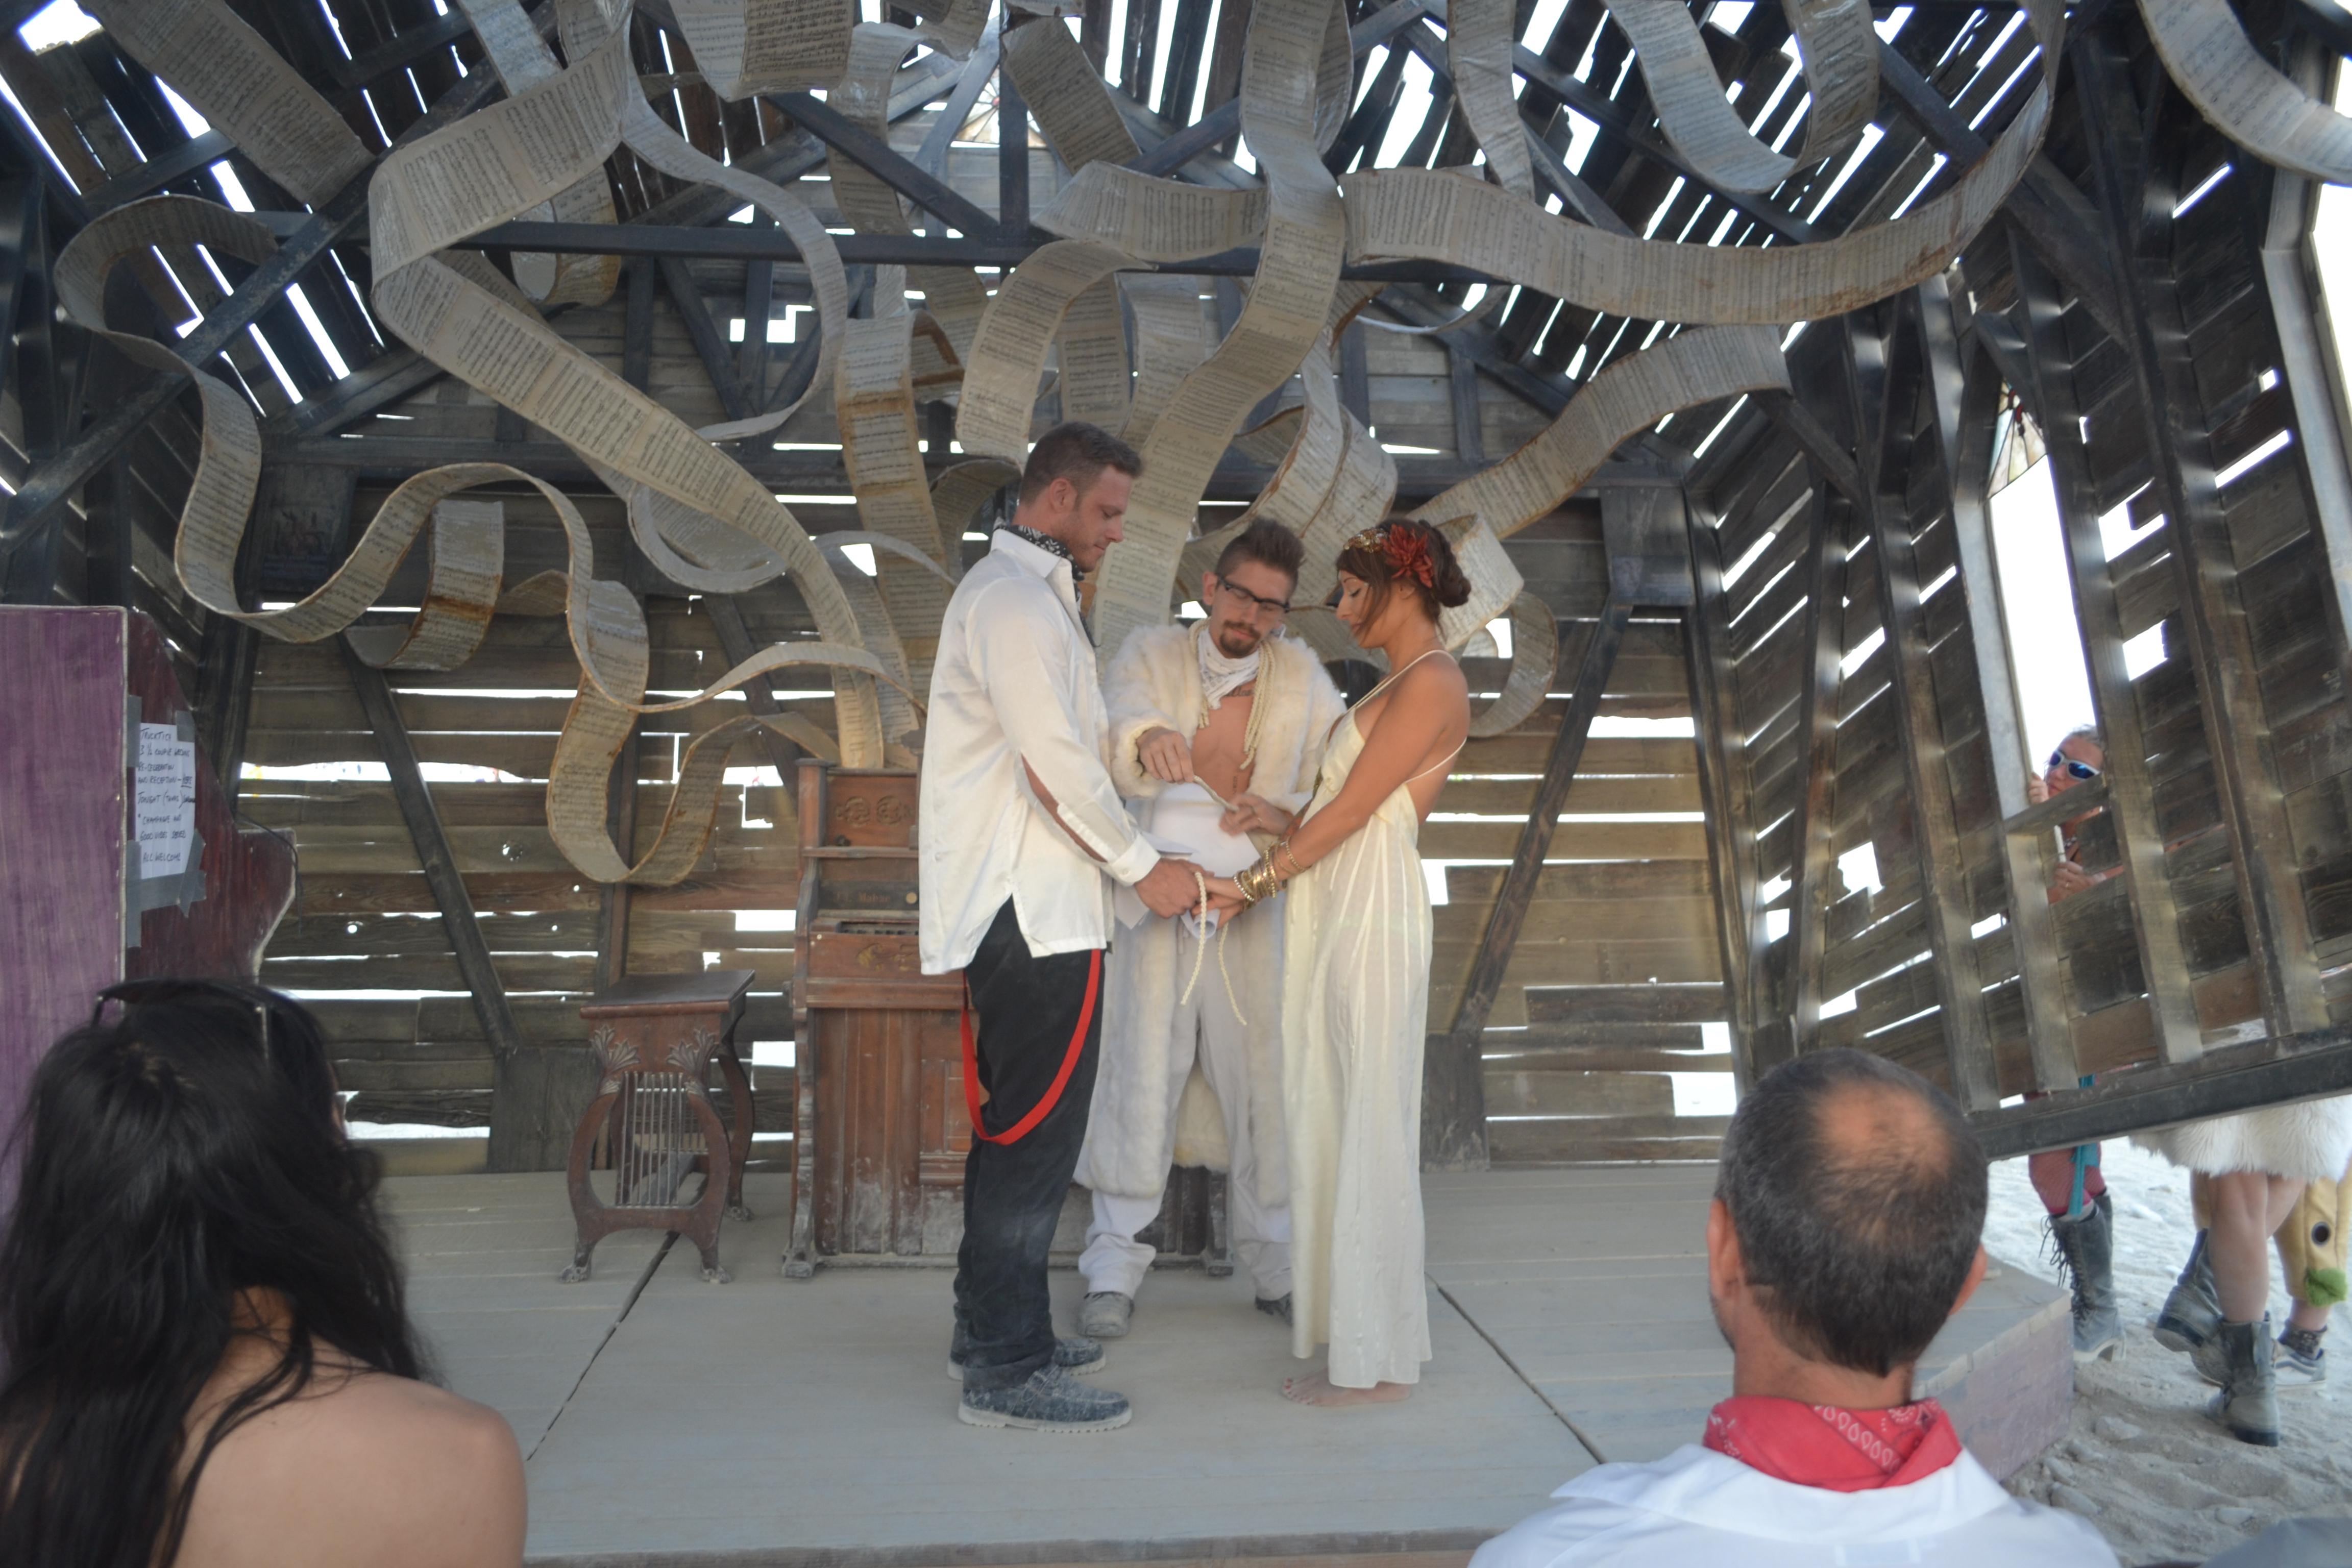 חתונה בפסטיבל ברנינג מן, נבדה. צילום: אביב דגני